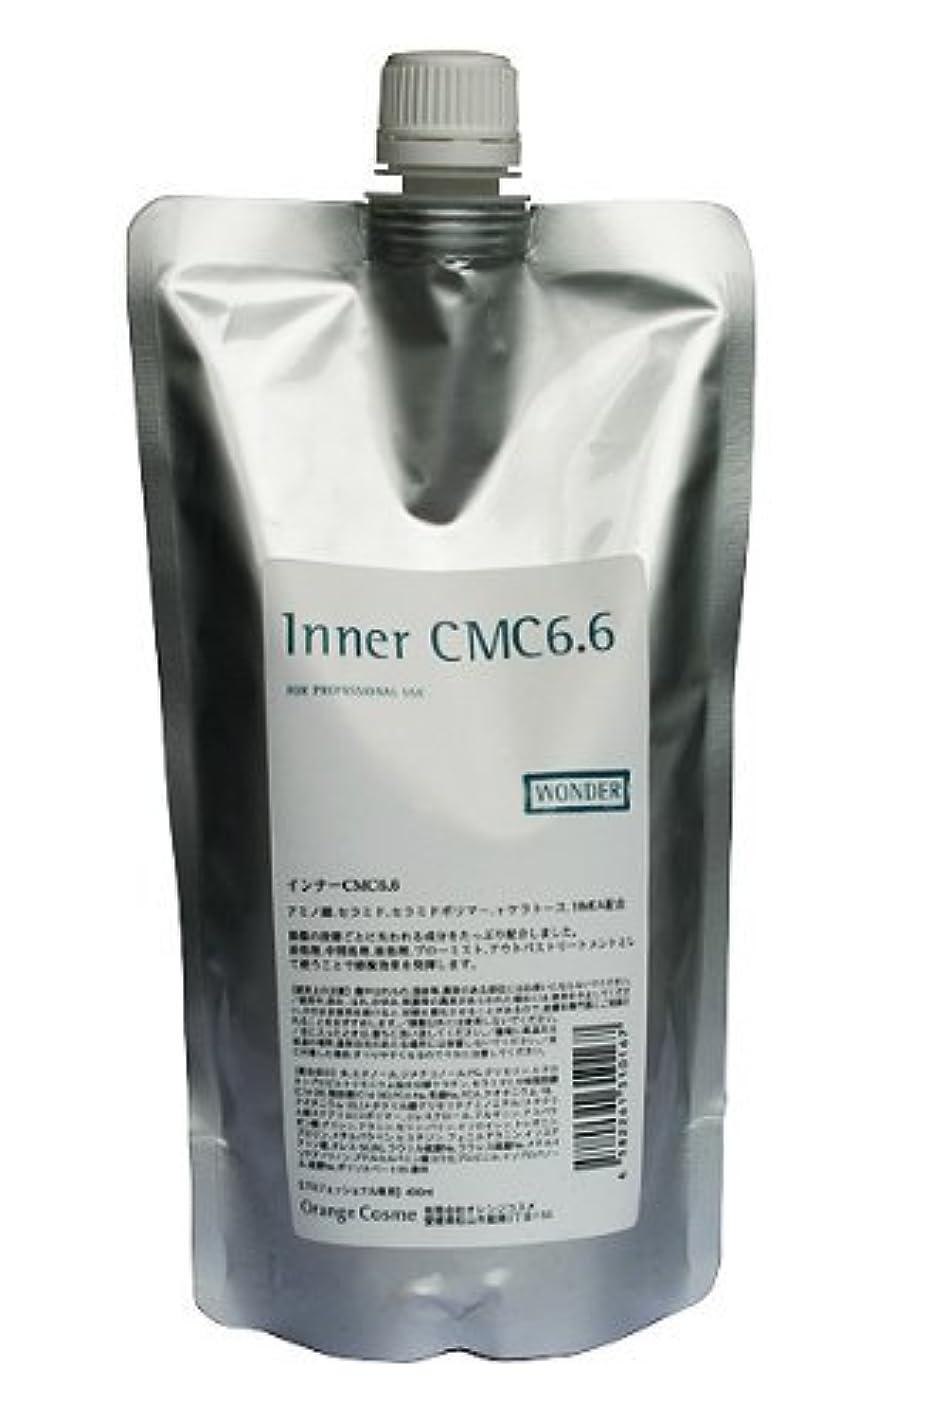 蒸留するサッカーしっかり美容室専用 ワンダー インナーCMC6.6 400ml(詰替用)